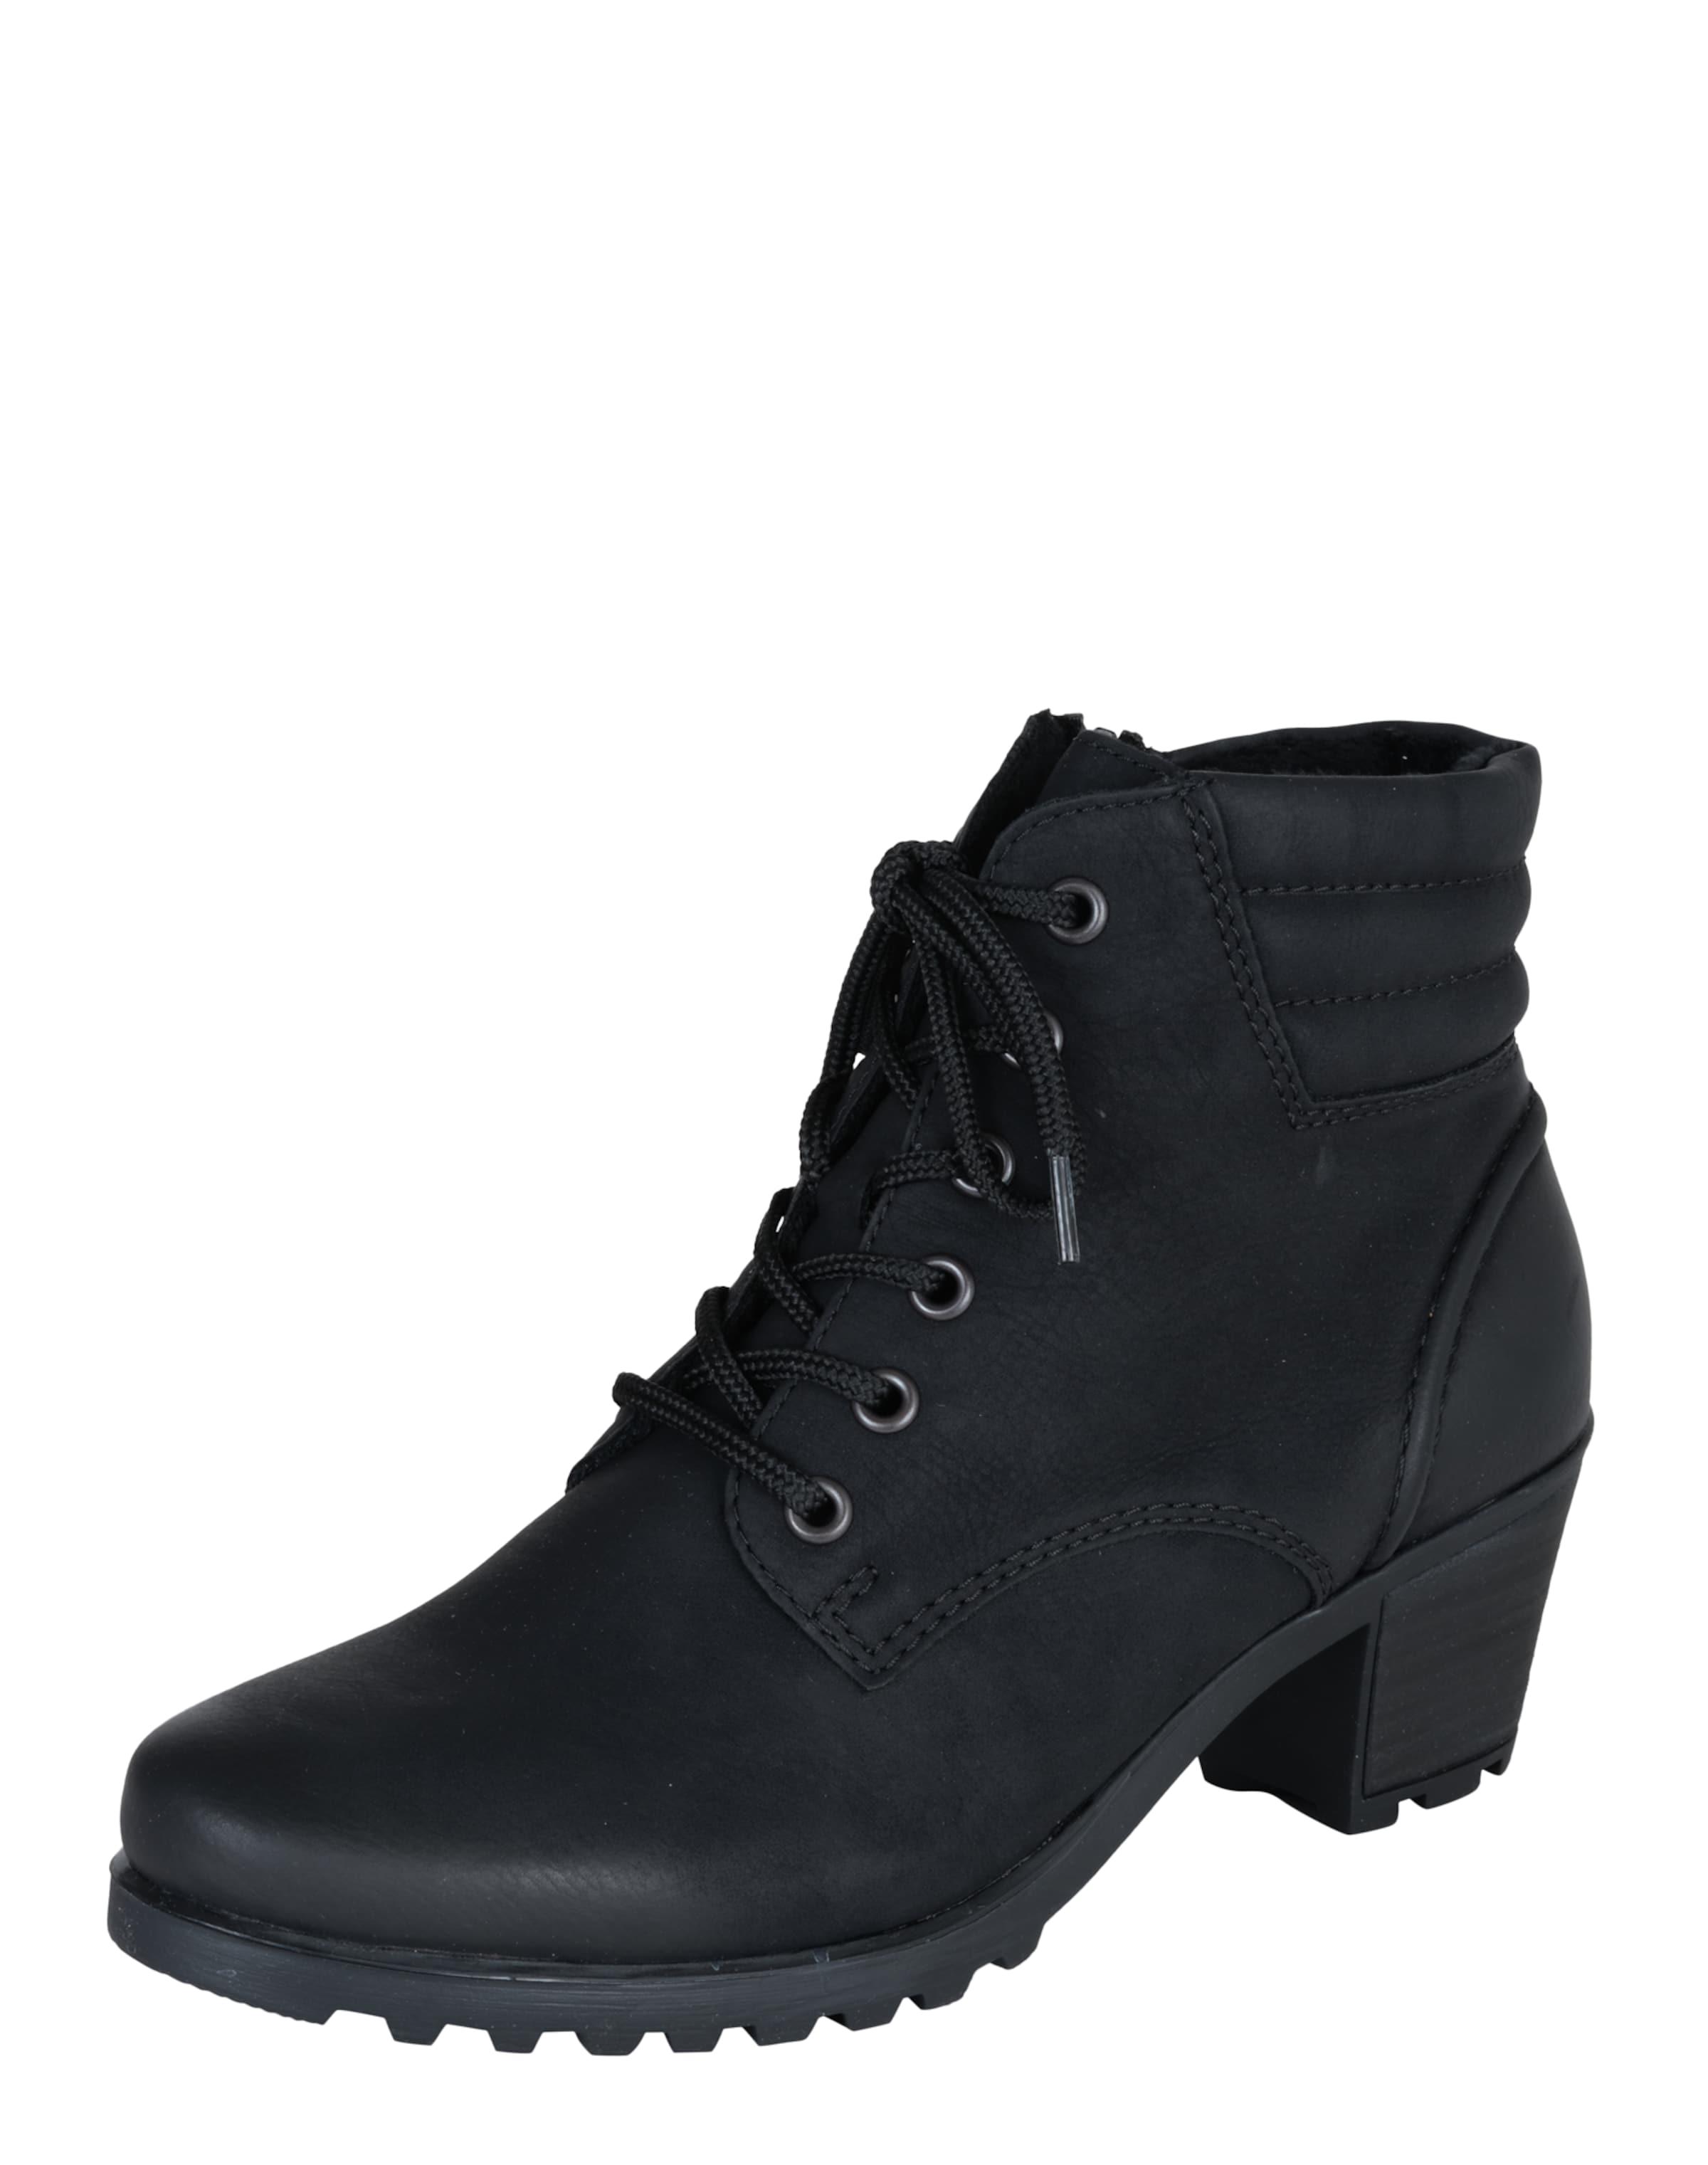 RIEKER Schnürstiefelette mit Steppungen Verschleißfeste billige Schuhe